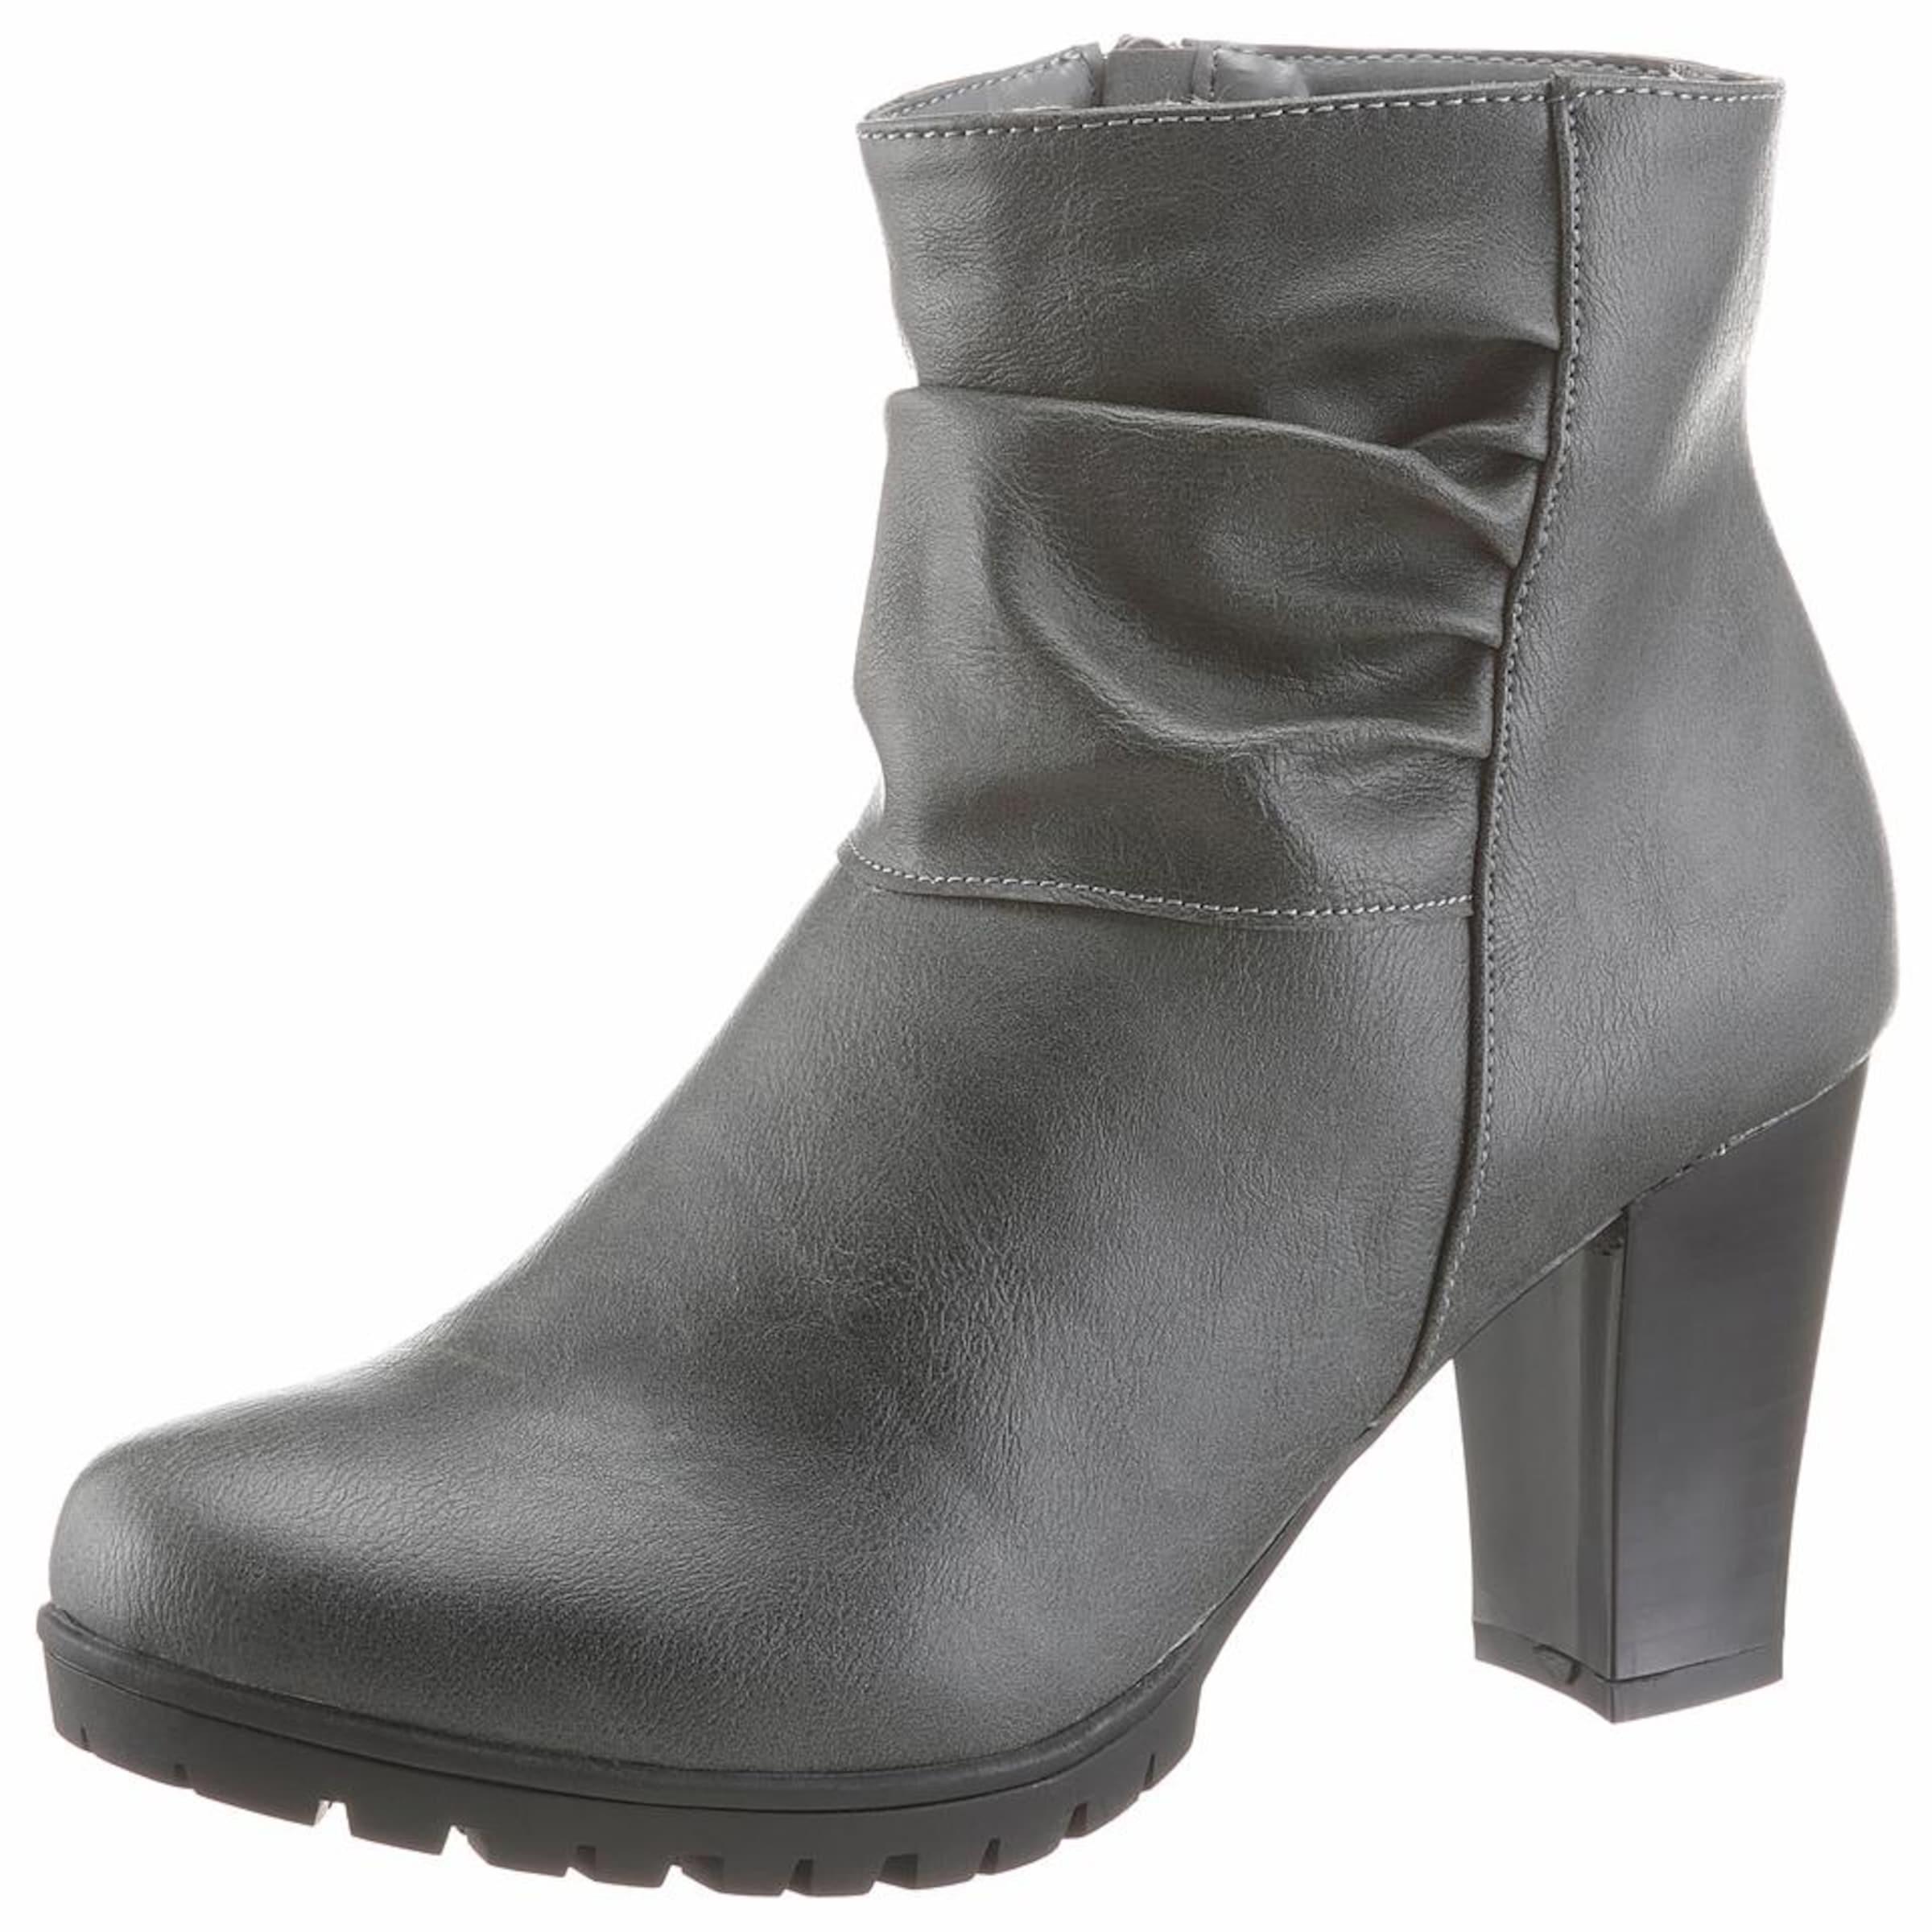 CITY WALK Stiefelette Verschleißfeste billige Schuhe